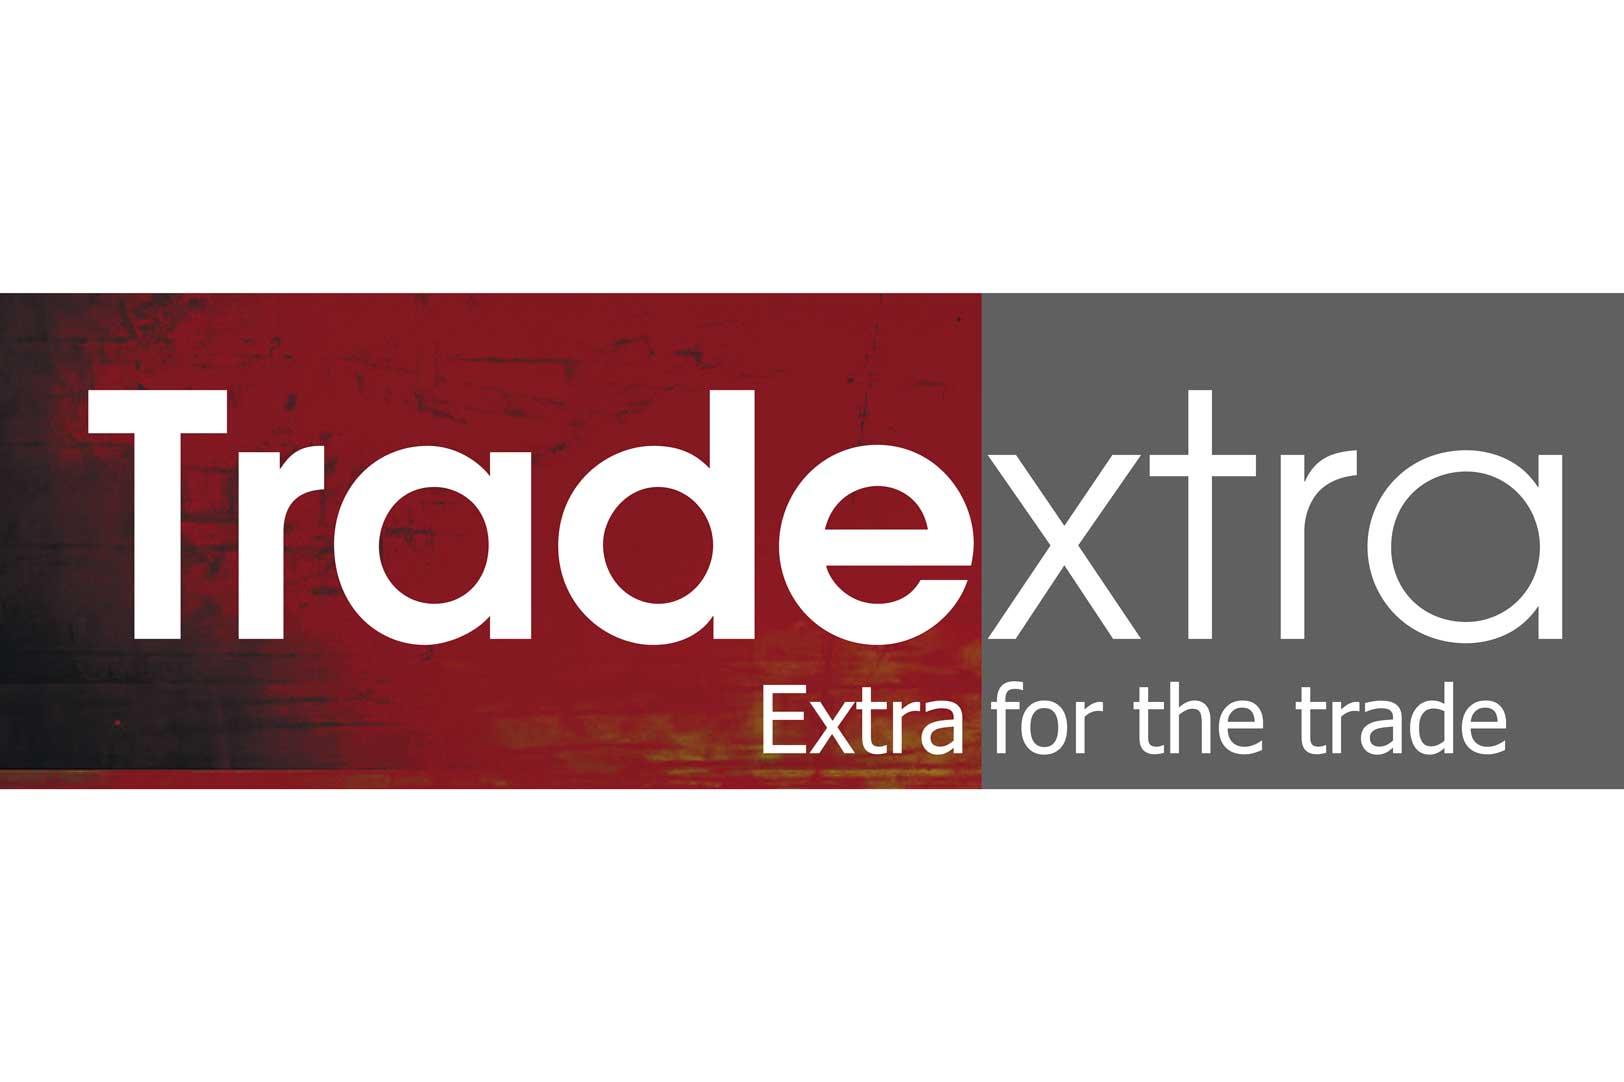 Tradextra